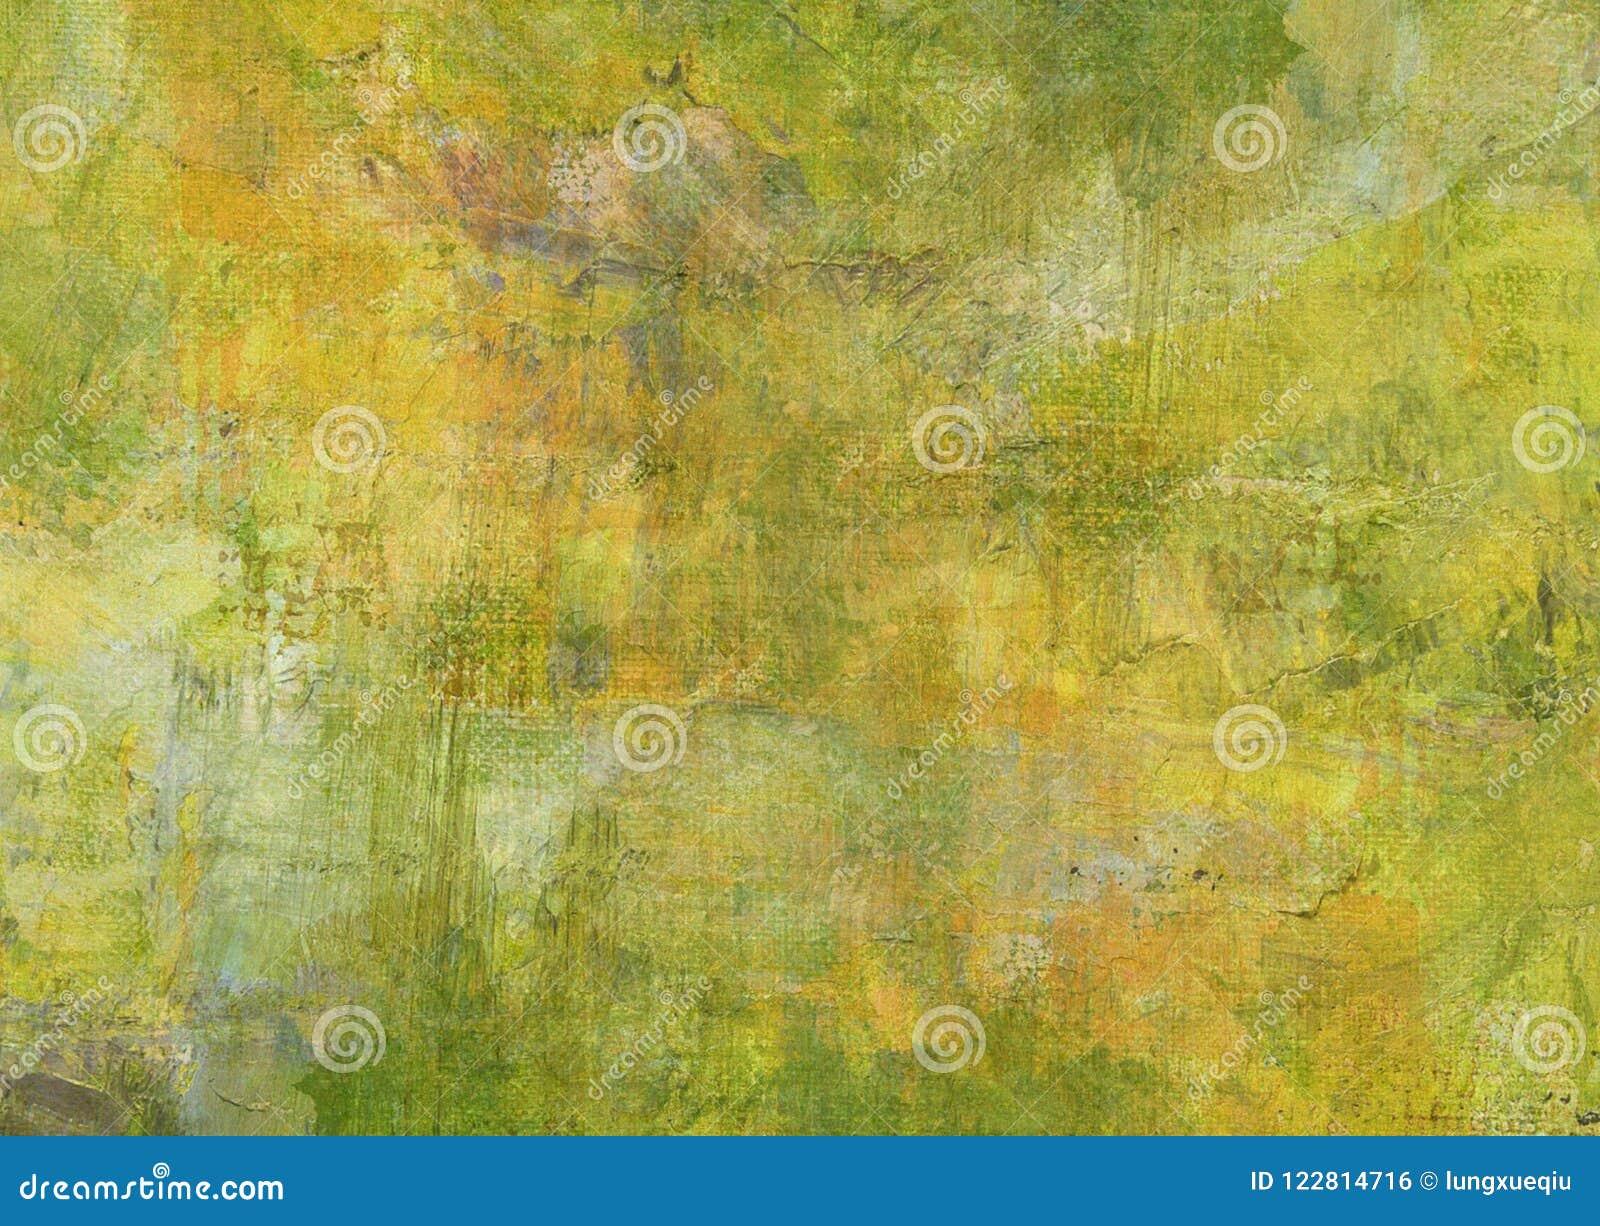 Περίληψη καμβά που χρωματίζει την κιτρινοπράσινη καφετιά σκοτεινή παλαιά σύσταση αποσύνθεσης Grunge σκοτεινή σκουριασμένη διαστρε